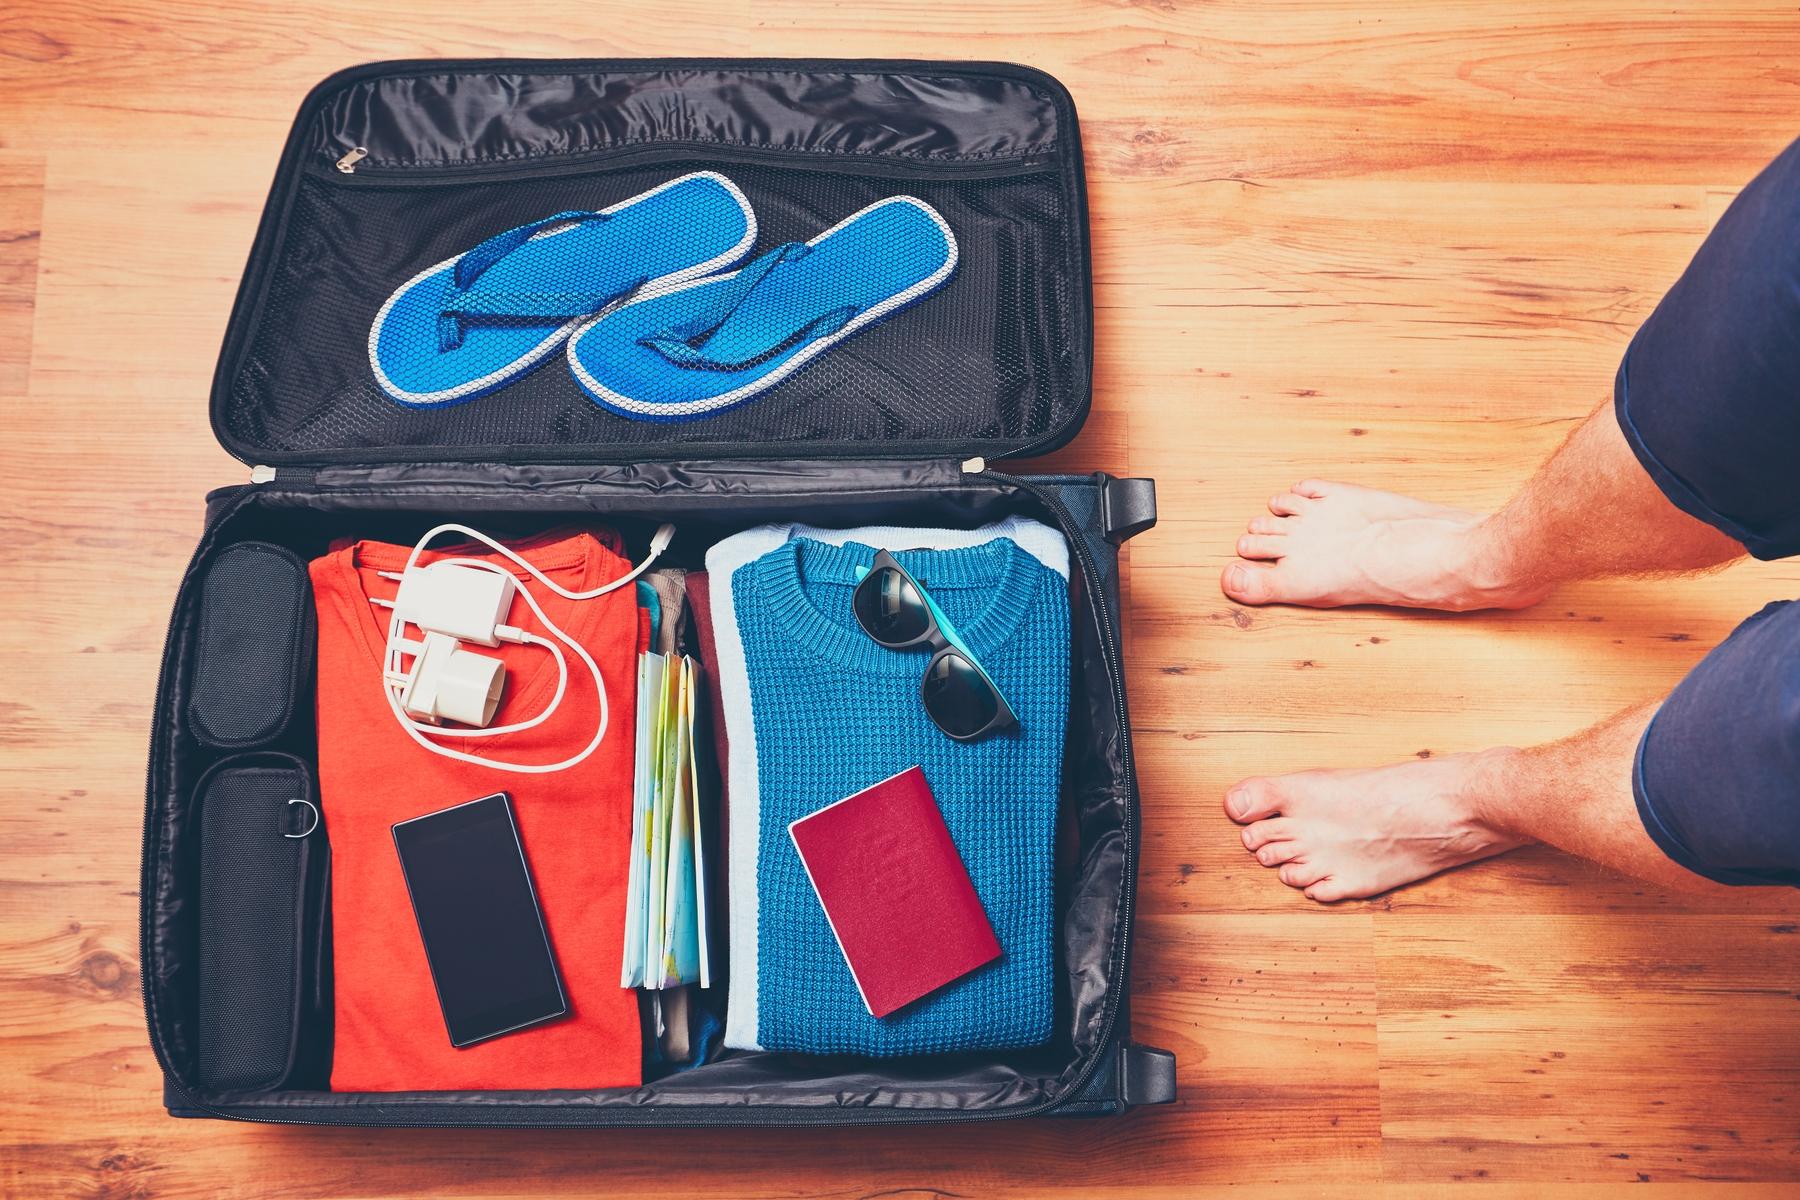 objetos permitidos equipaje de mano